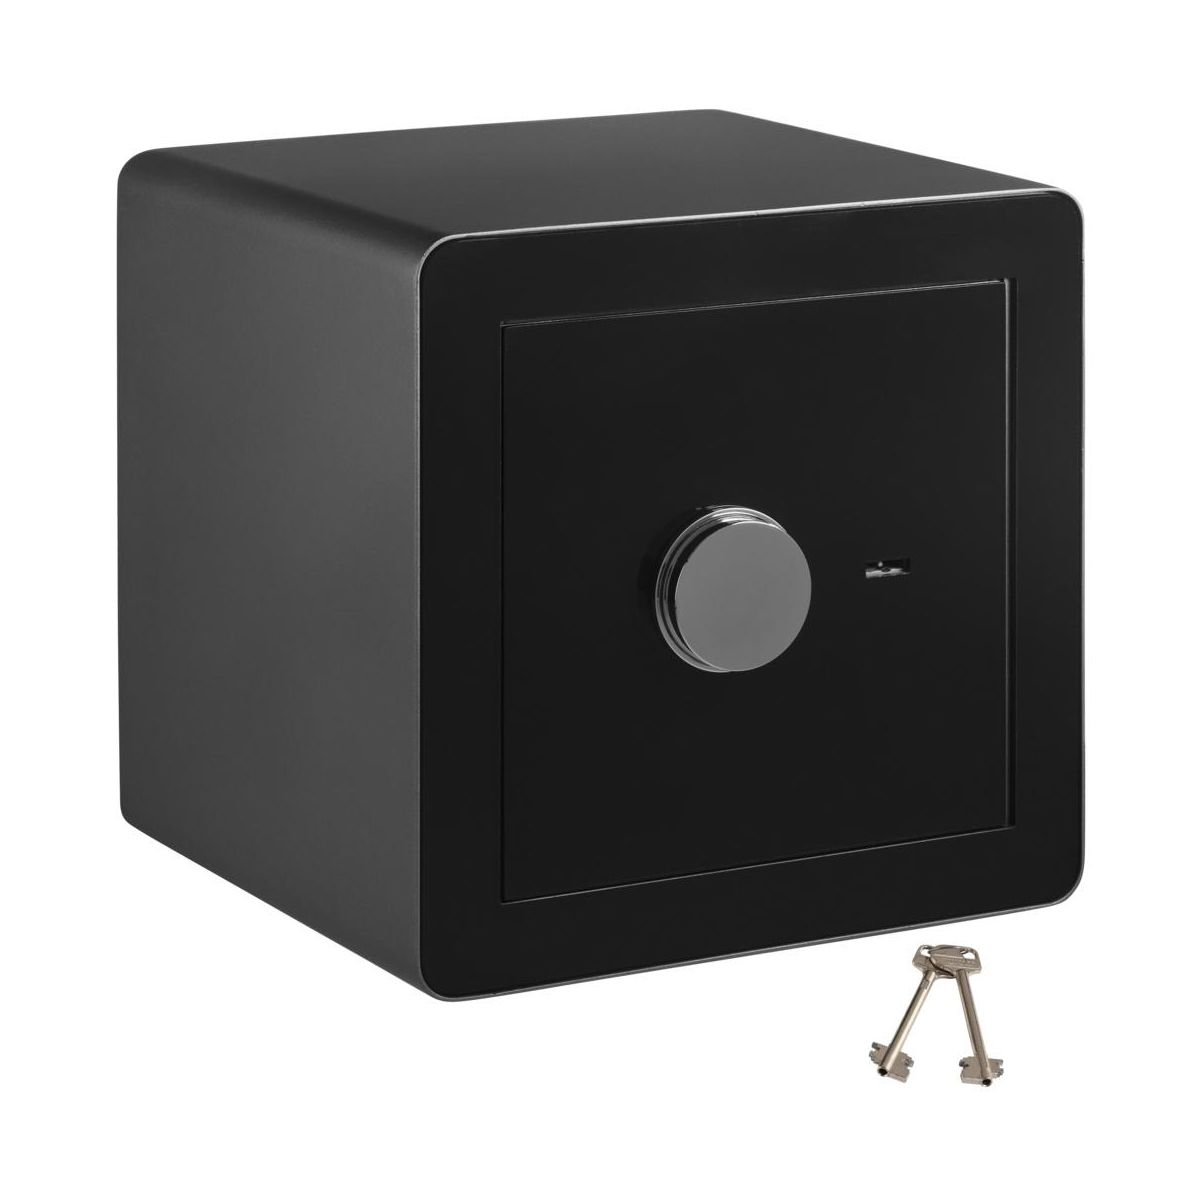 sejf tg 1sl2 1classic szyba czarna metalkas sejfy w. Black Bedroom Furniture Sets. Home Design Ideas